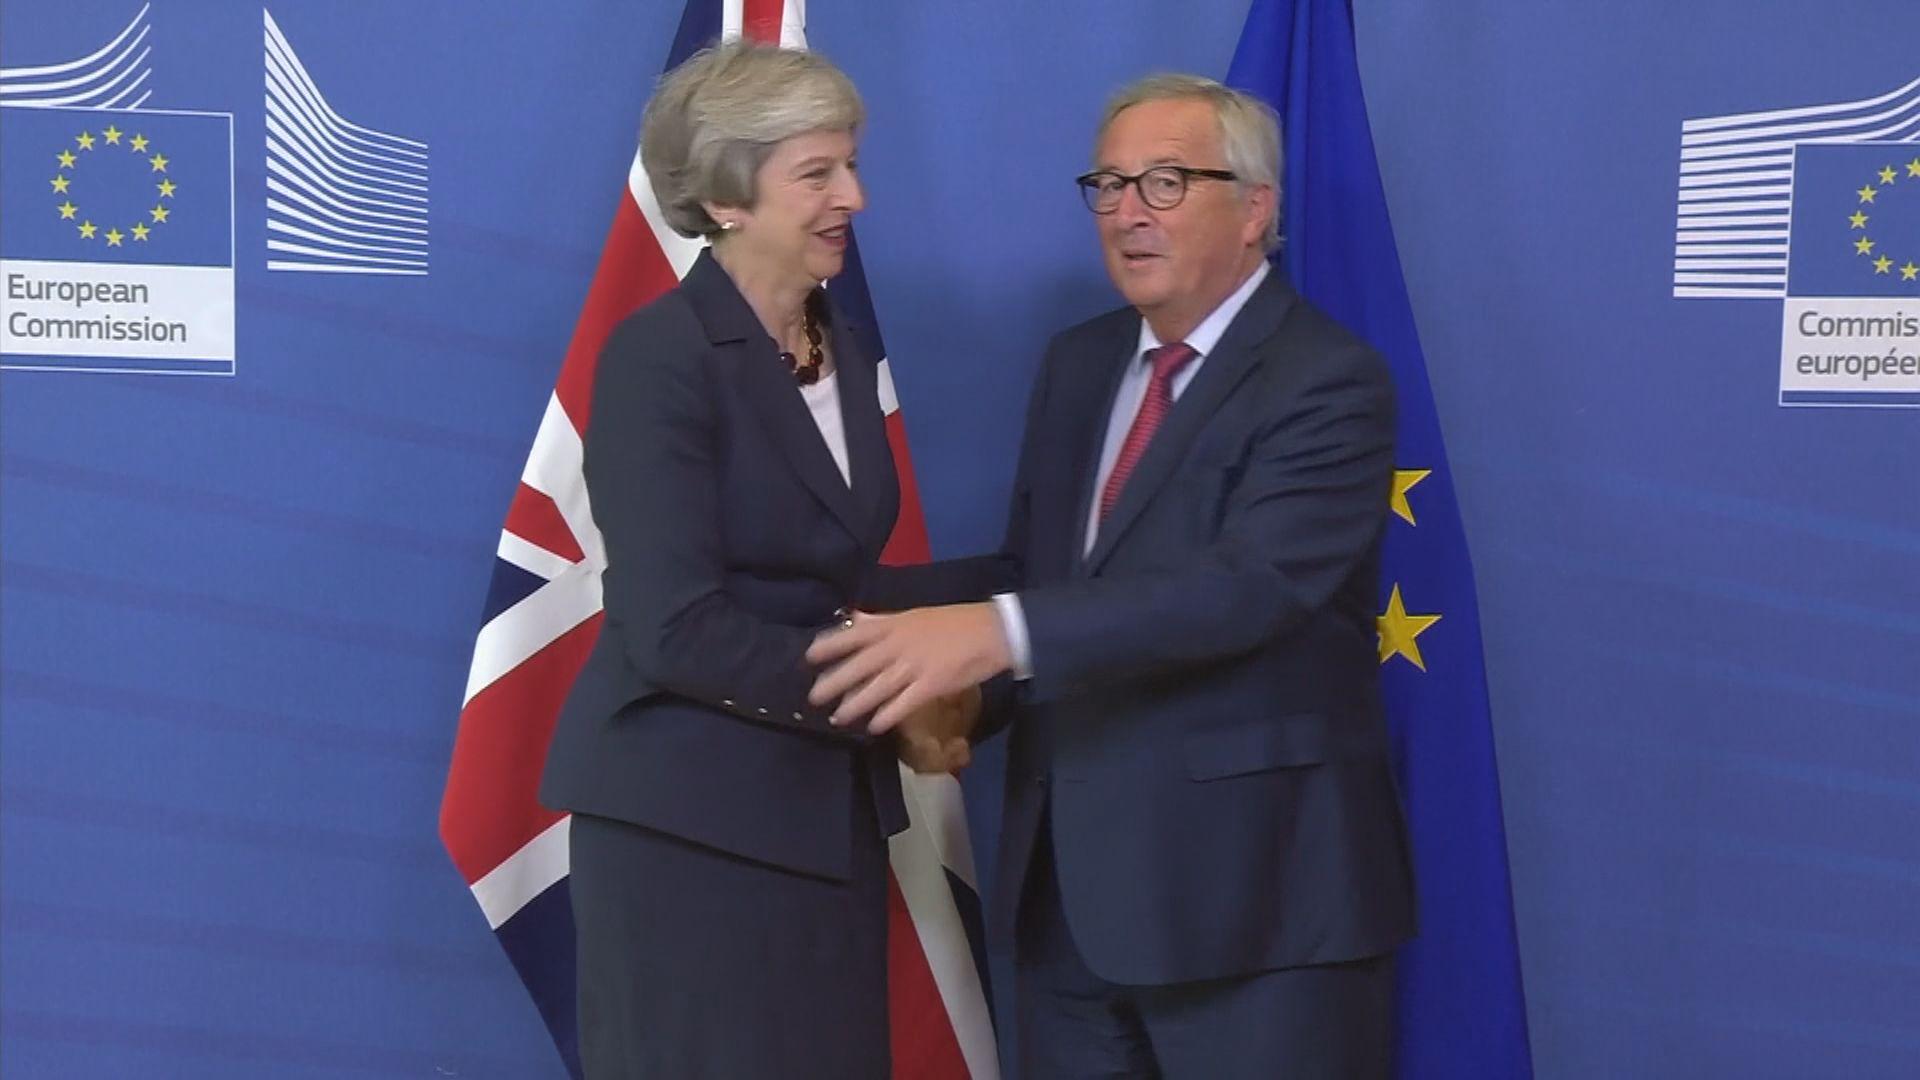 歐盟領袖認為目前脫歐僵局是英國造成